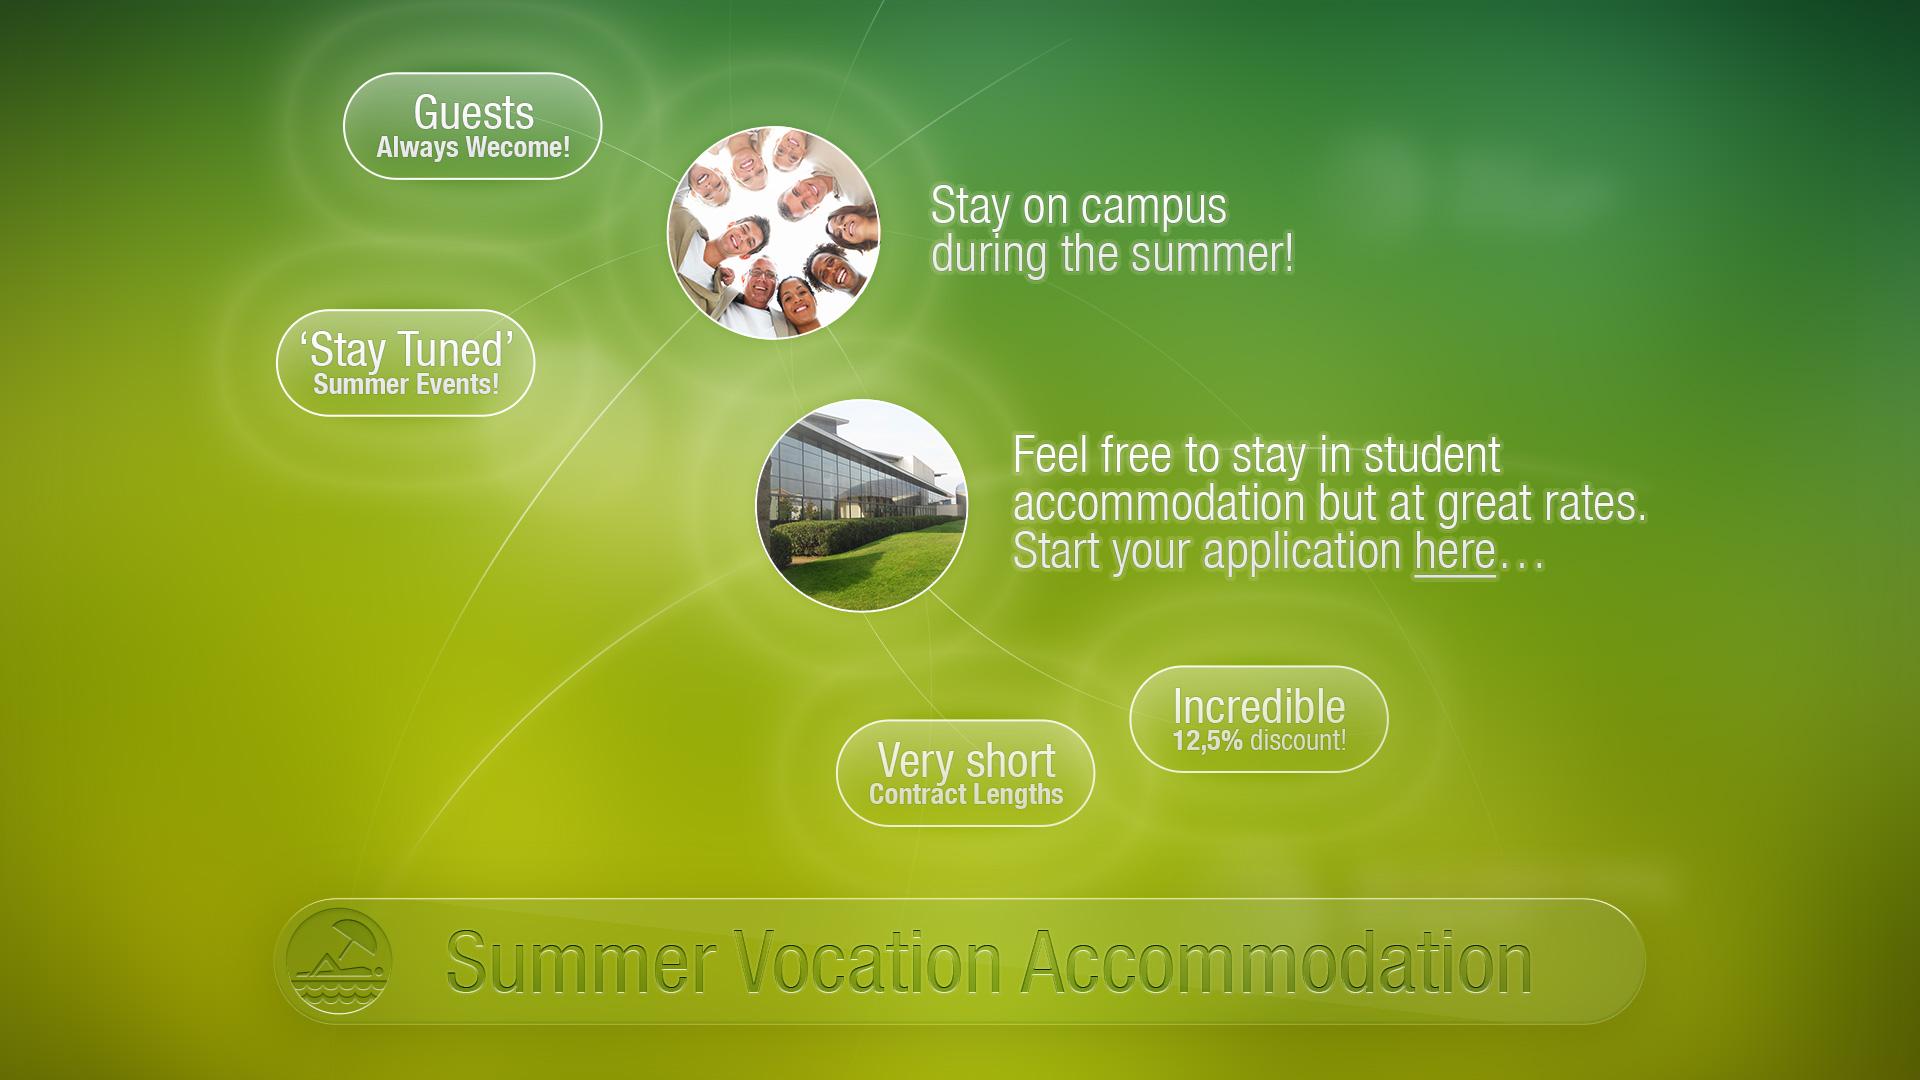 Summer Vocation